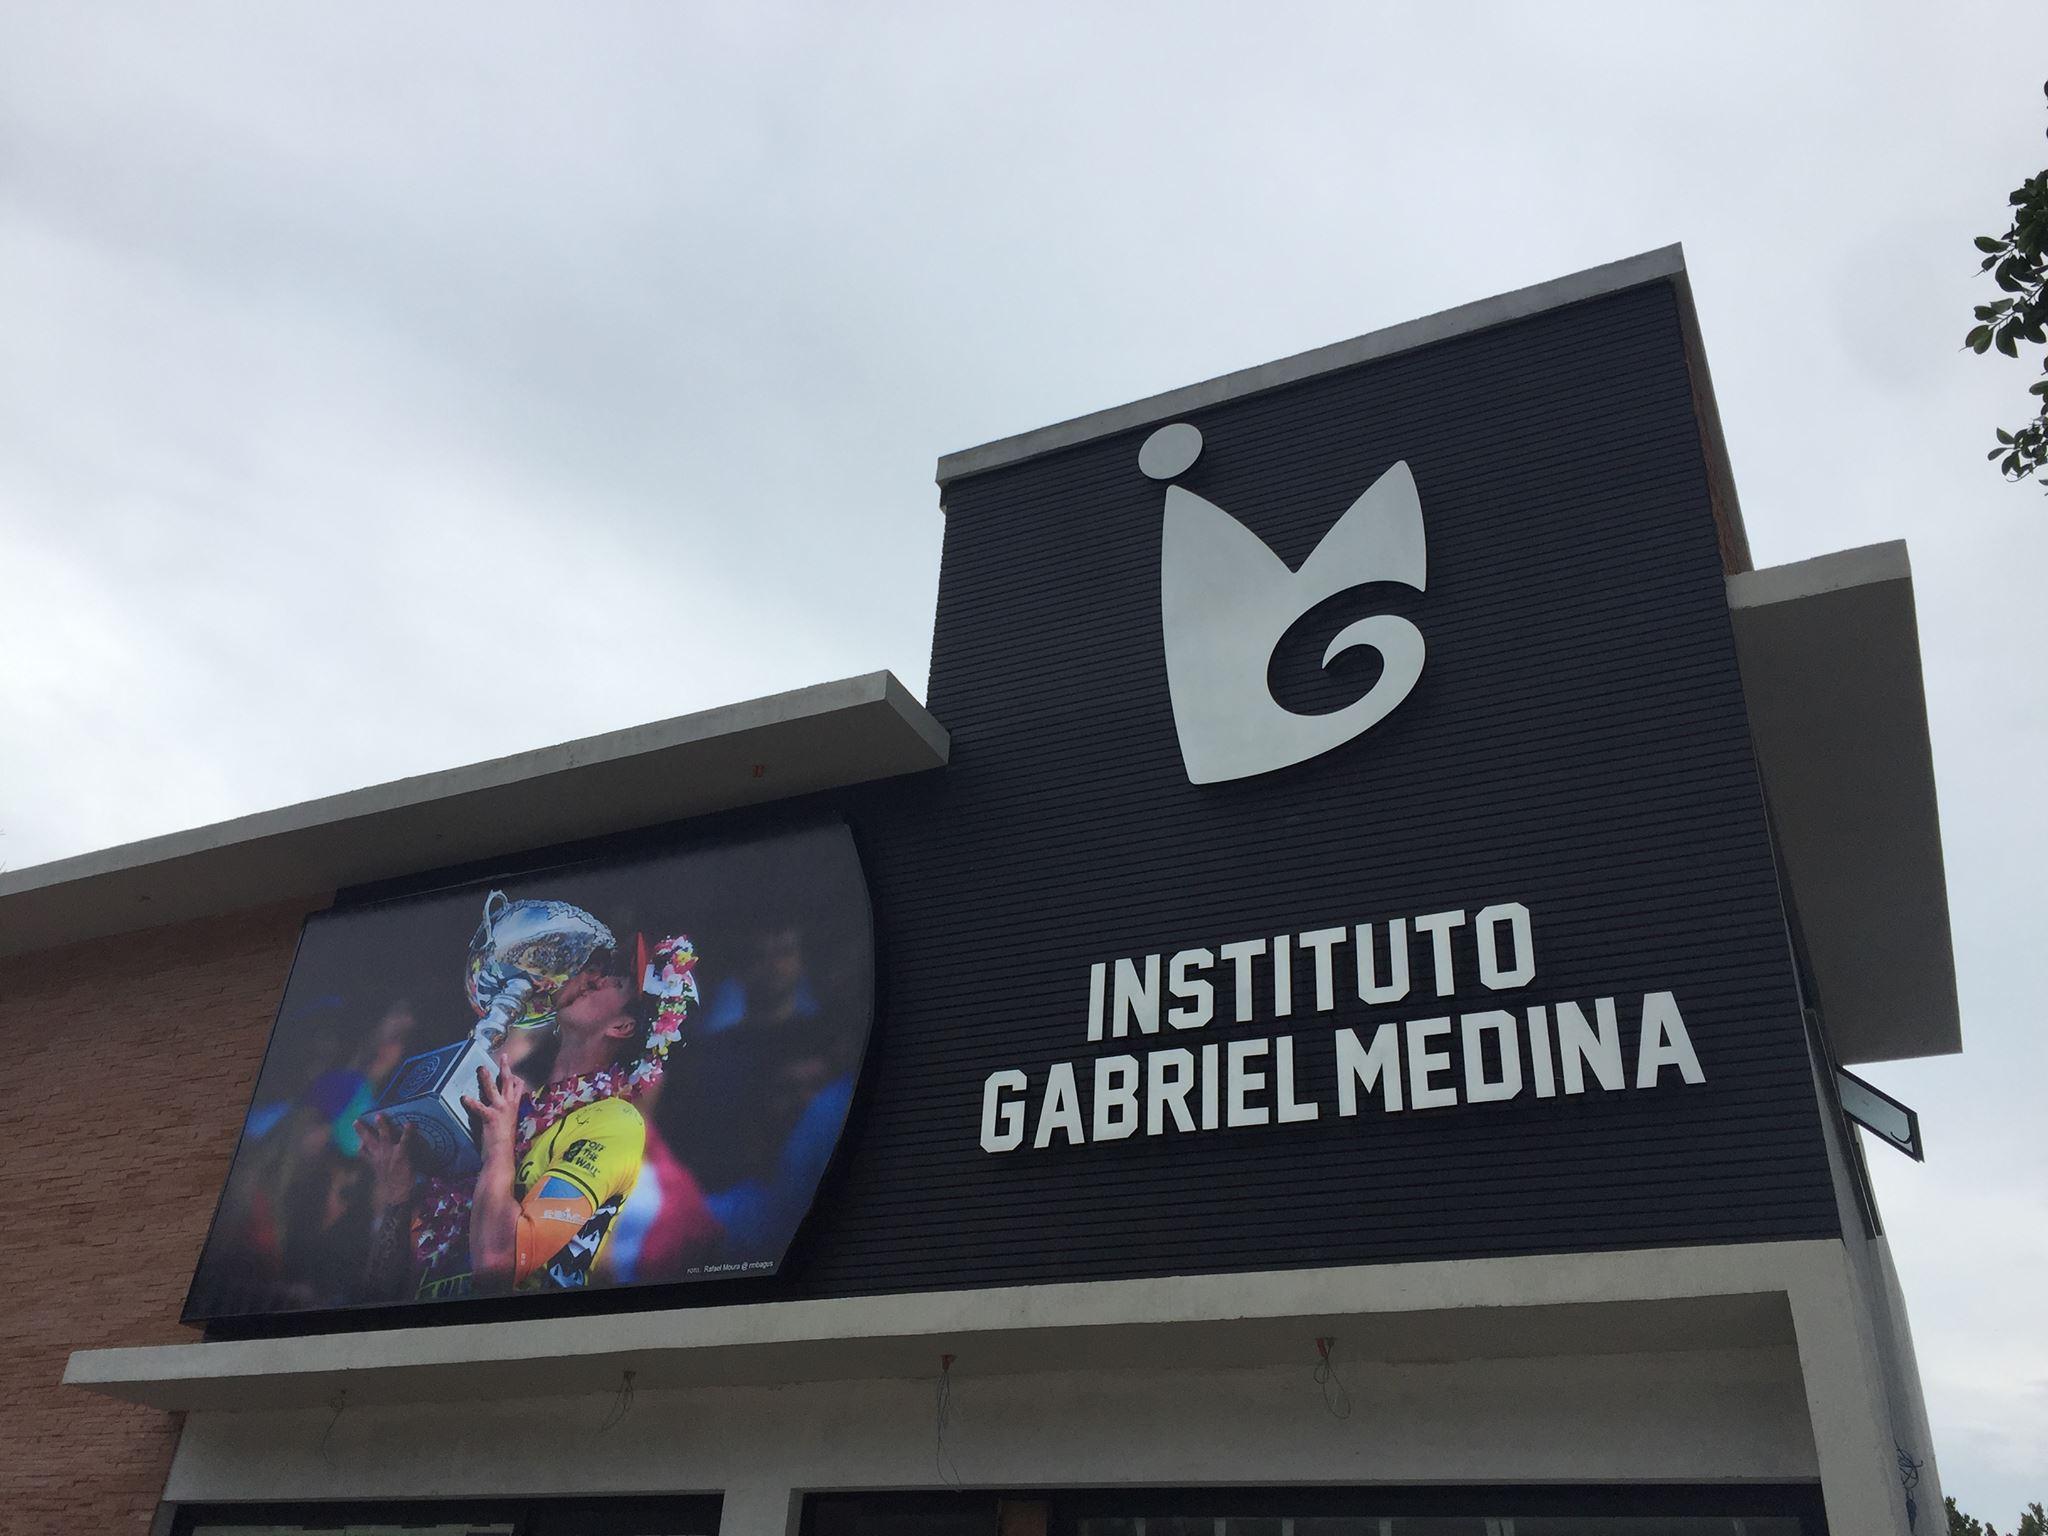 ガブリエル・メディナが地元マレシアスでキッズ向けトレーニング施設をオープン